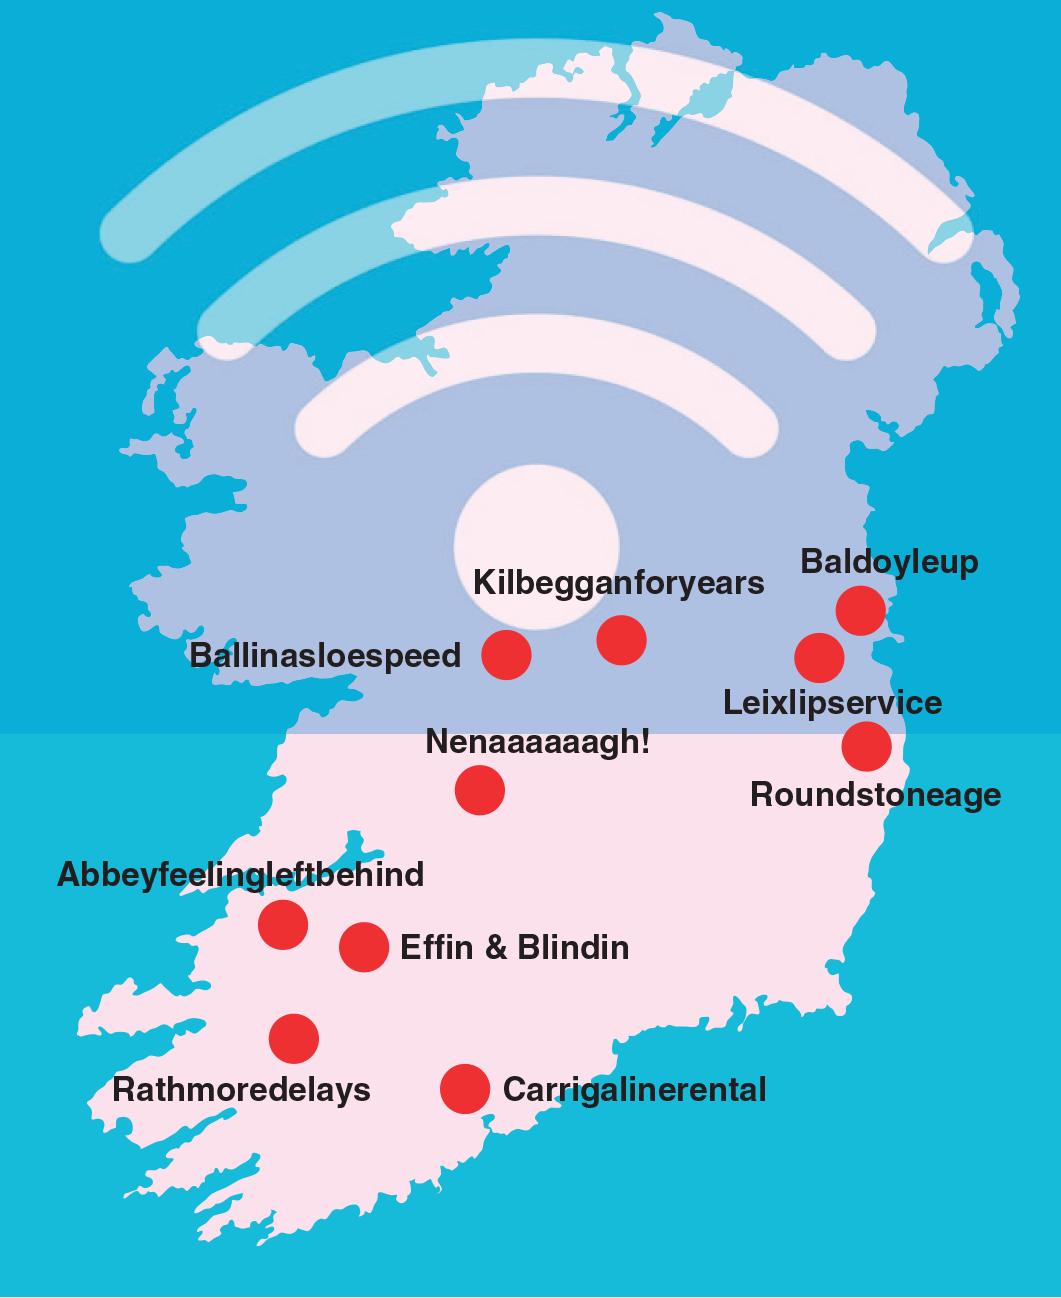 Irish Broadband